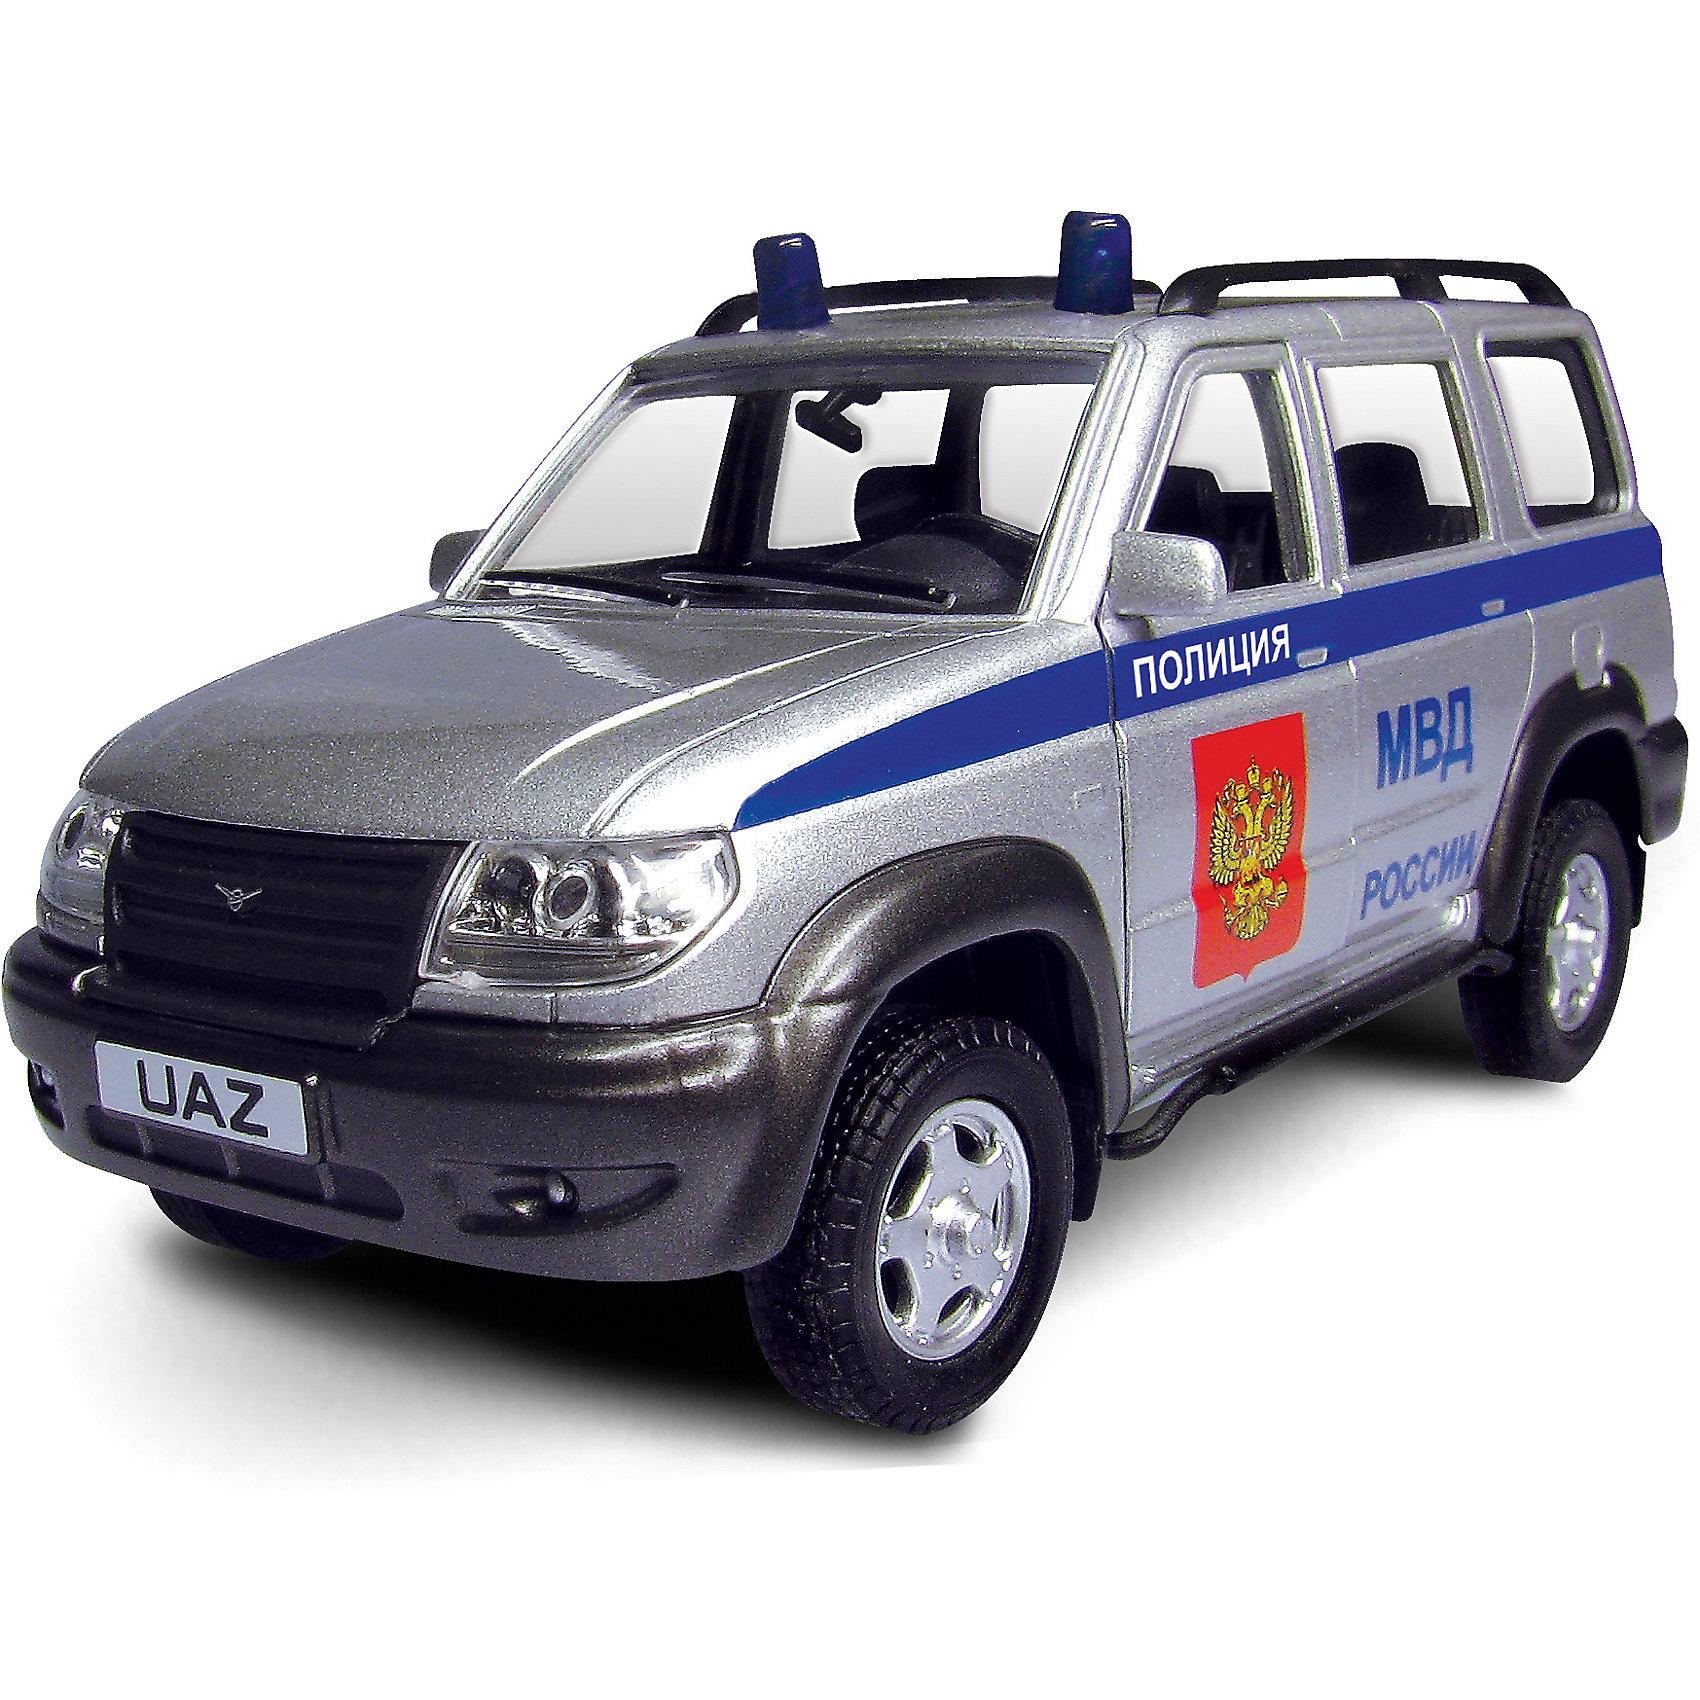 Машинка UAZ Patriot полиция 1:43, AutotimeМашинки<br>Машинка UAZ Patriot полиция 1:43, Autotime (Автотайм).<br><br>Характеристики:<br><br>• Масштаб 1:43<br>• Длина машинки: 11,5 см.<br>• Цвет: серебристый<br>• Материал: металл, пластик<br>• Упаковка: картонная коробка блистерного типа<br>• Размер упаковки: 16,5x5,7x7,2 см.<br><br>Машинка UAZ Patriot полиция от Autotime (Автотайм) является уменьшенной копией настоящего автомобиля. Модель отличается высокой степенью детализации. Корпус машинки металлический с пластиковыми элементами. Автомобиль очень реалистично раскрашен. Передние двери открываются, что позволяет рассмотреть салон изнутри в деталях. Машинка оснащена инерционным механизмом. Машинка UAZ Patriot полиция, выпущенная в русской серии бренда Autotime (Автотайм), станет хорошим подарком и ребенку, и коллекционеру моделей автомобилей.<br><br>Машинку UAZ Patriot полиция 1:43, Autotime (Автотайм) можно купить в нашем интернет-магазине.<br><br>Ширина мм: 165<br>Глубина мм: 57<br>Высота мм: 75<br>Вес г: 13<br>Возраст от месяцев: 36<br>Возраст до месяцев: 2147483647<br>Пол: Мужской<br>Возраст: Детский<br>SKU: 5583876